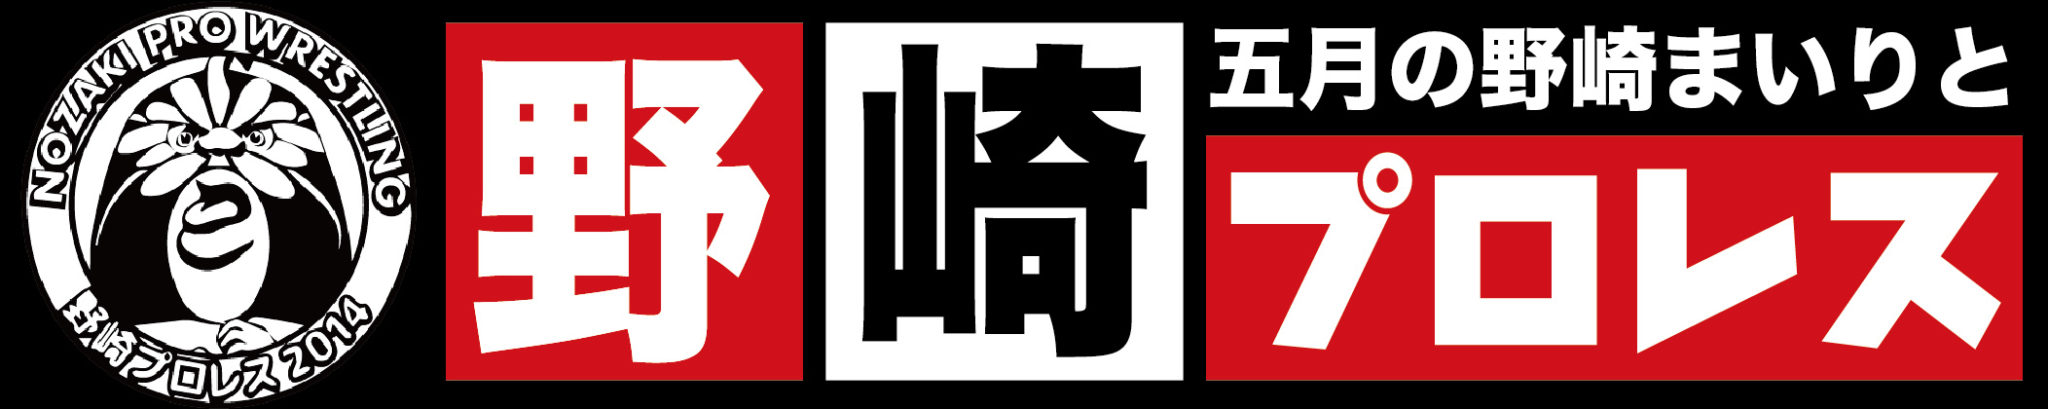 野崎プロレス Nozaki Pro Wrestling